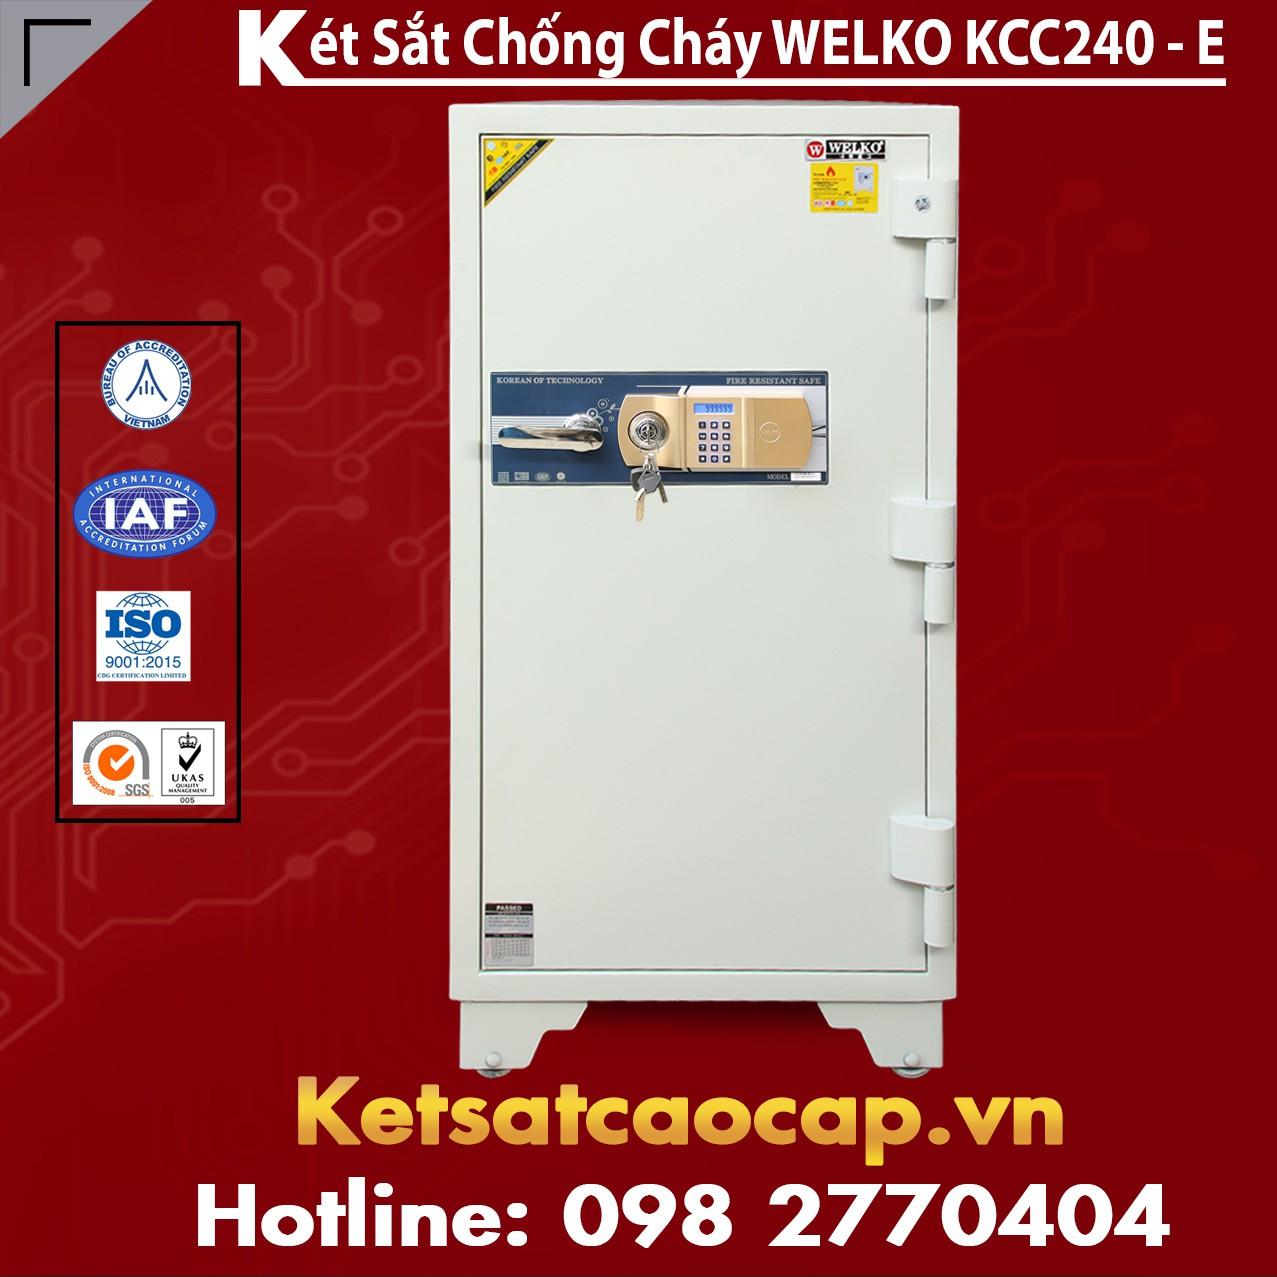 Két Sắt Thần Tài WELKO KCC240 - E Gold